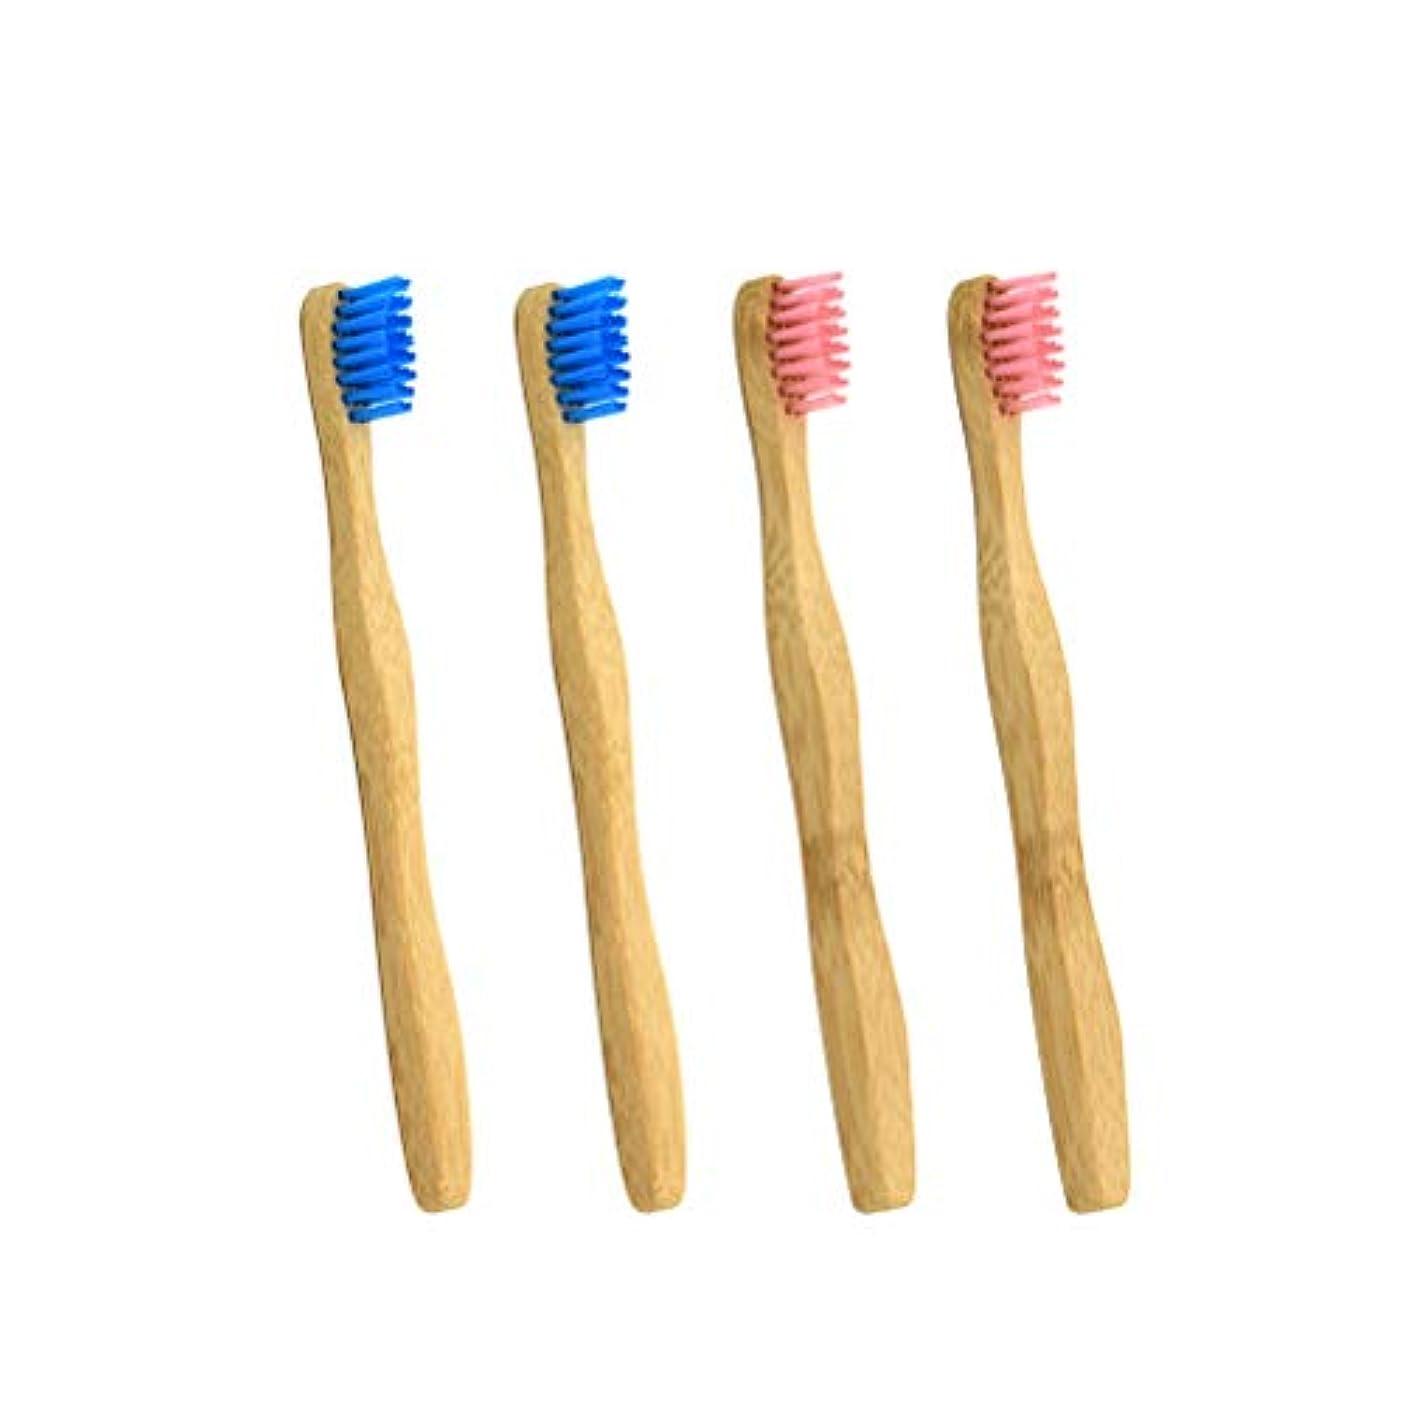 結び目減少関与するSUPVOX 4本の子供の竹の歯ブラシ生分解性エコフレンドリーな歯ブラシ(ピンクとブルー各2本)